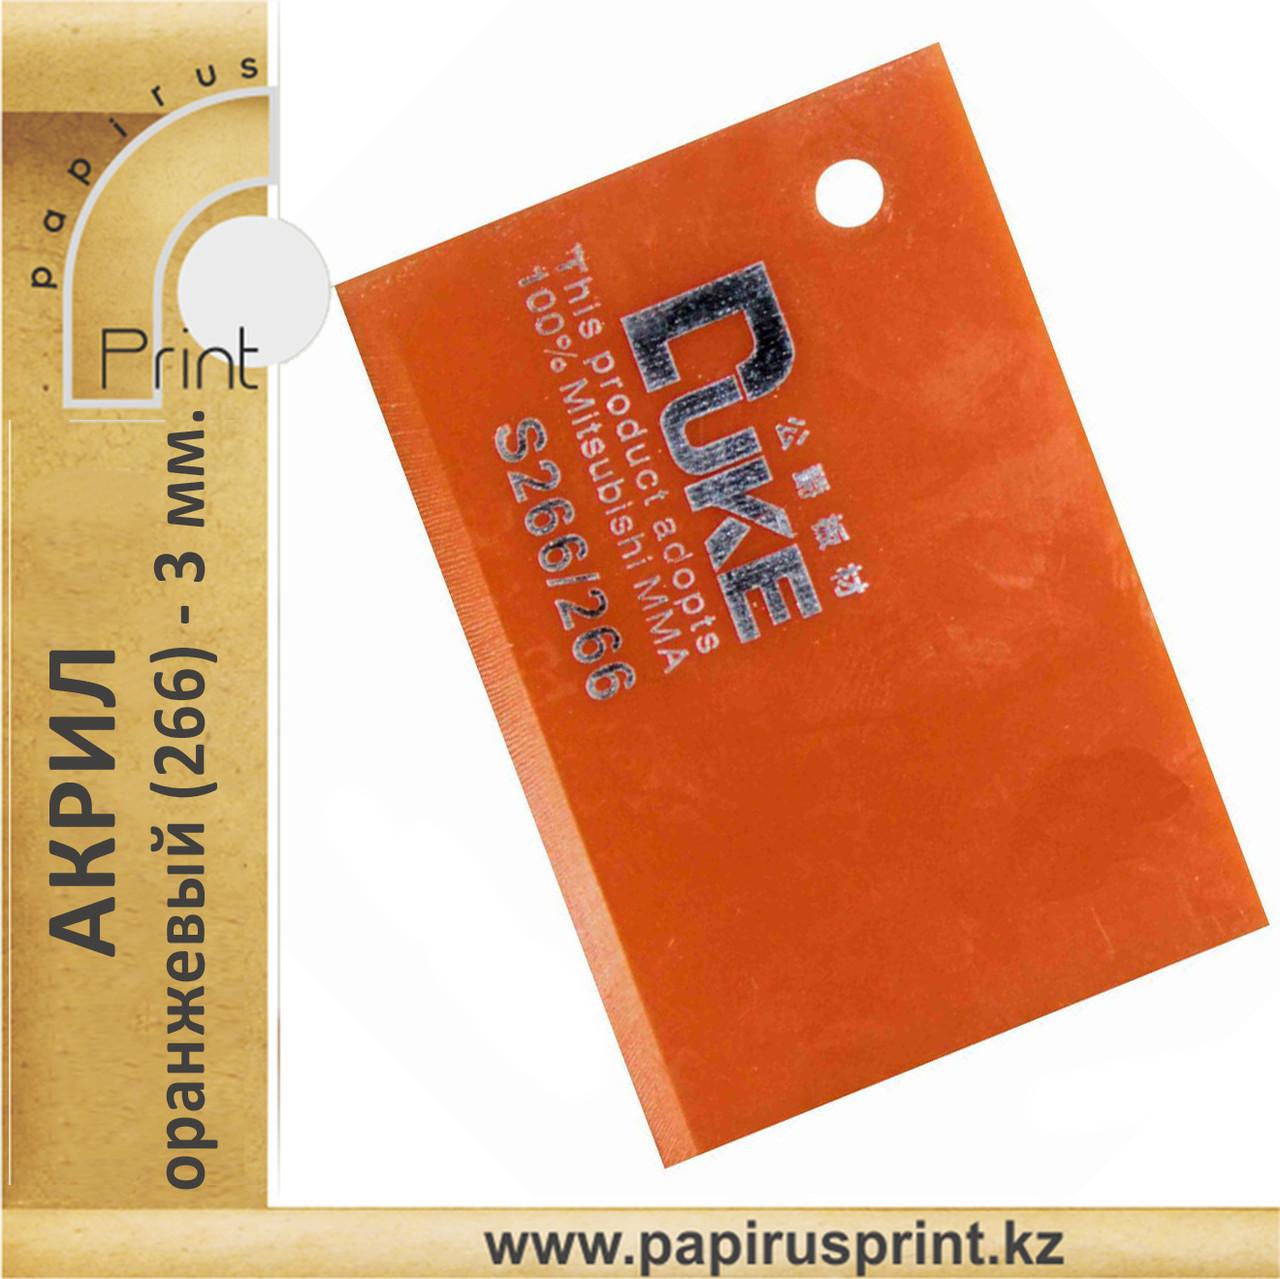 Оранжевый акрил 3 мм №266 1.26 х 2.48 мм